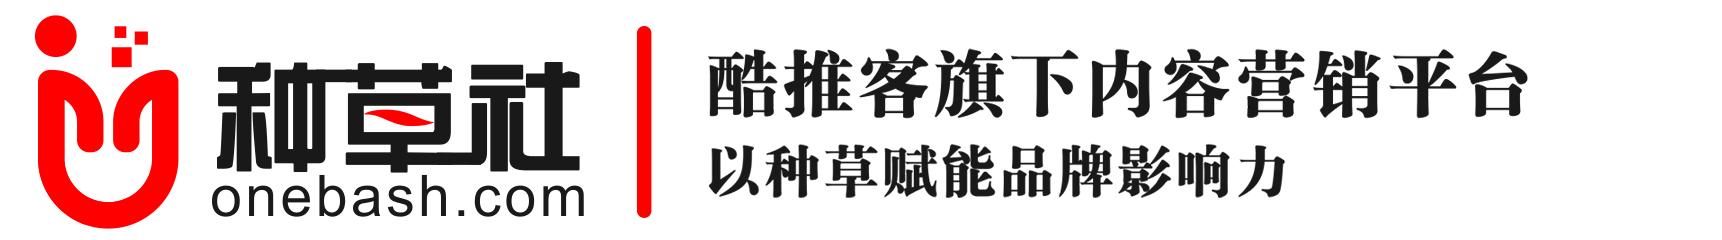 专业种草机构【种草社】